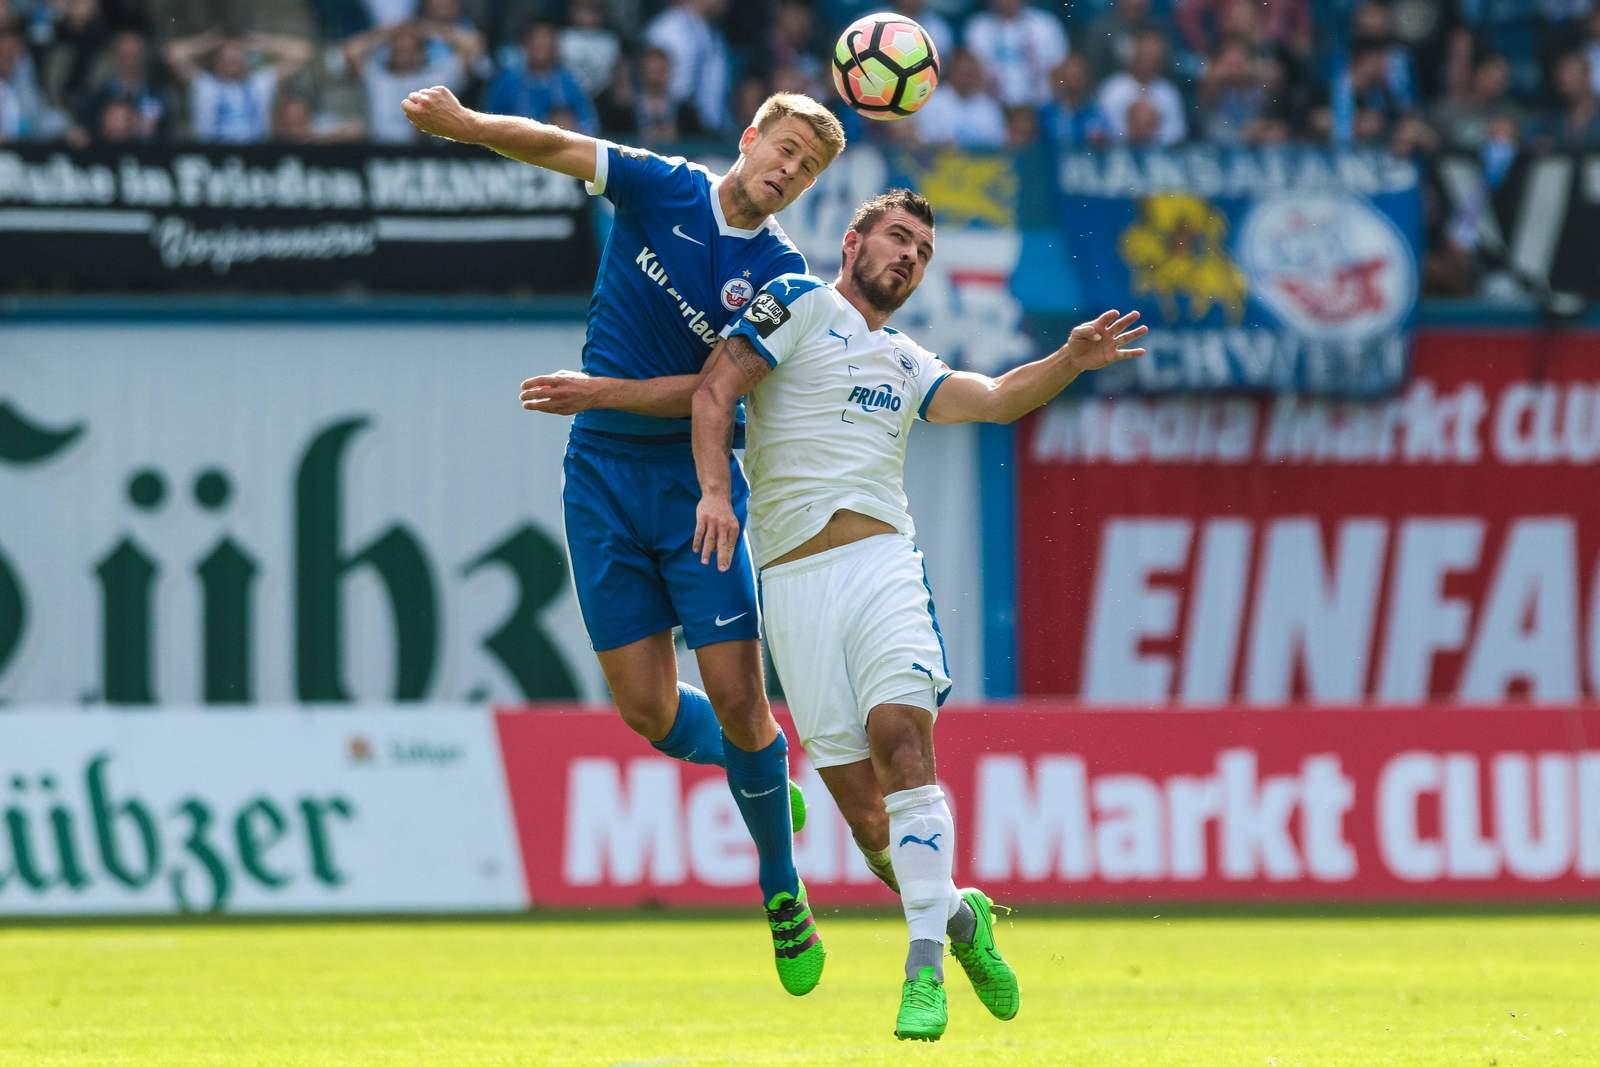 Kopfballduell zwischen Tommy Grupe und Bernd Rosinger. Jetzt auf Lotte gegen Hansa Rostock wetten!